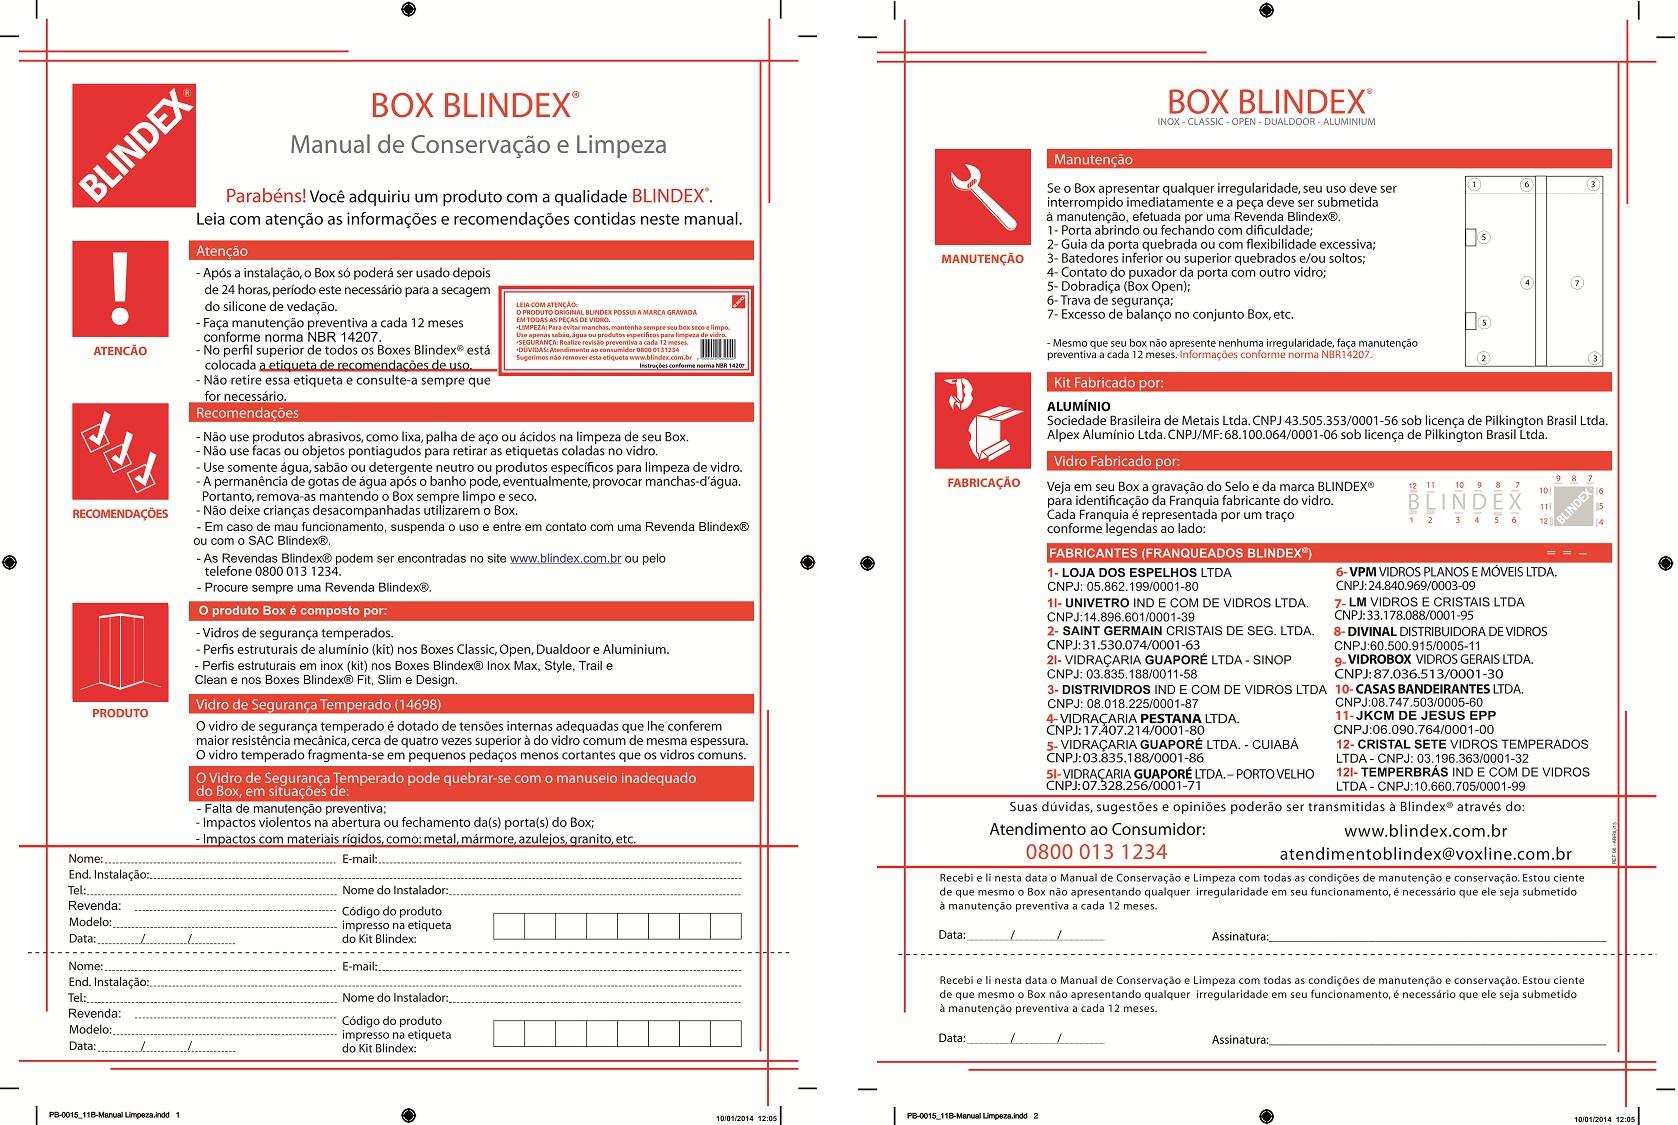 Blindex possui um programa de melhoria continua de seus produtos para  #B41F17 1678 1125